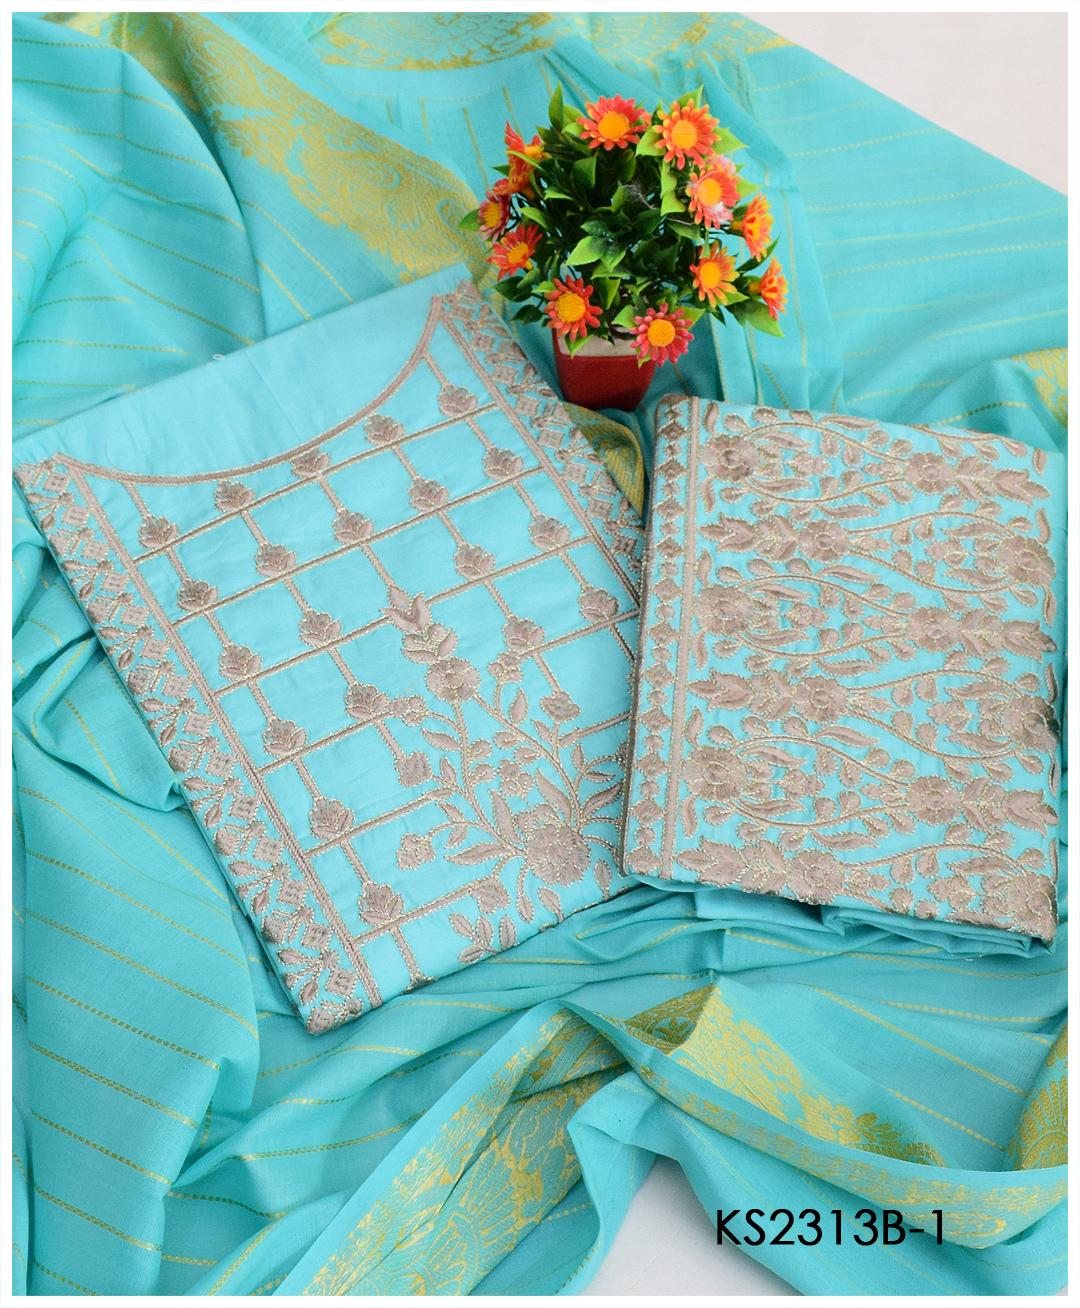 3 PCs Un-Stitched Machine Embroidery Lawn Suits With Khadi Dupatta - KS2313B